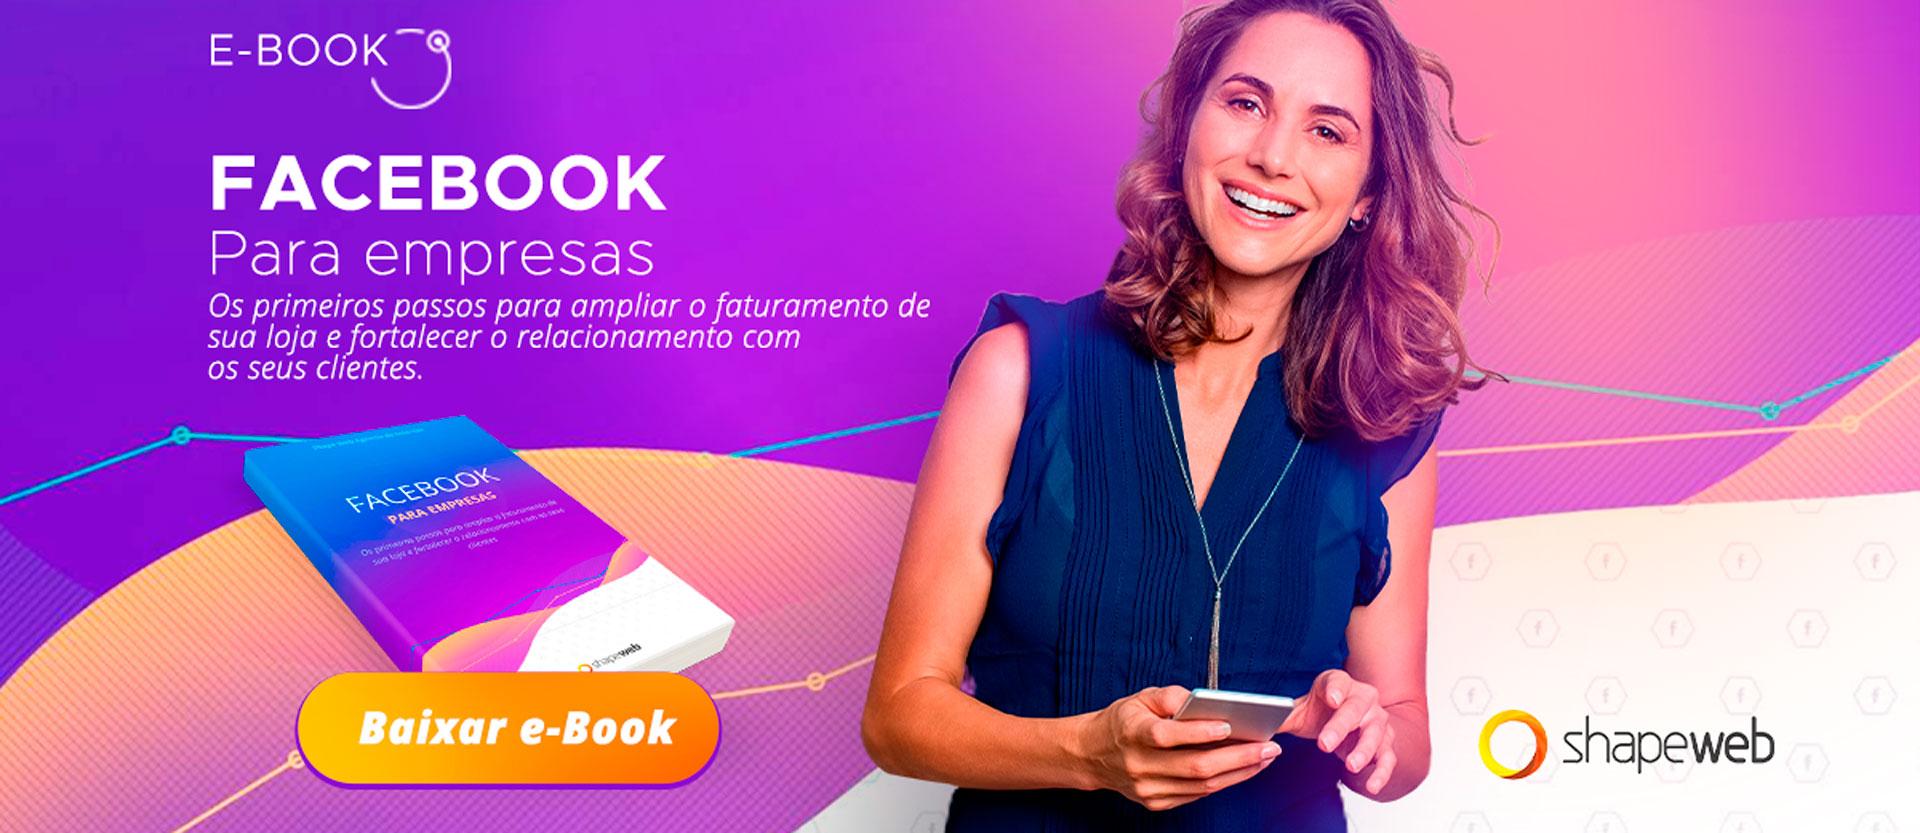 E-Book: Facebook Para Empresas